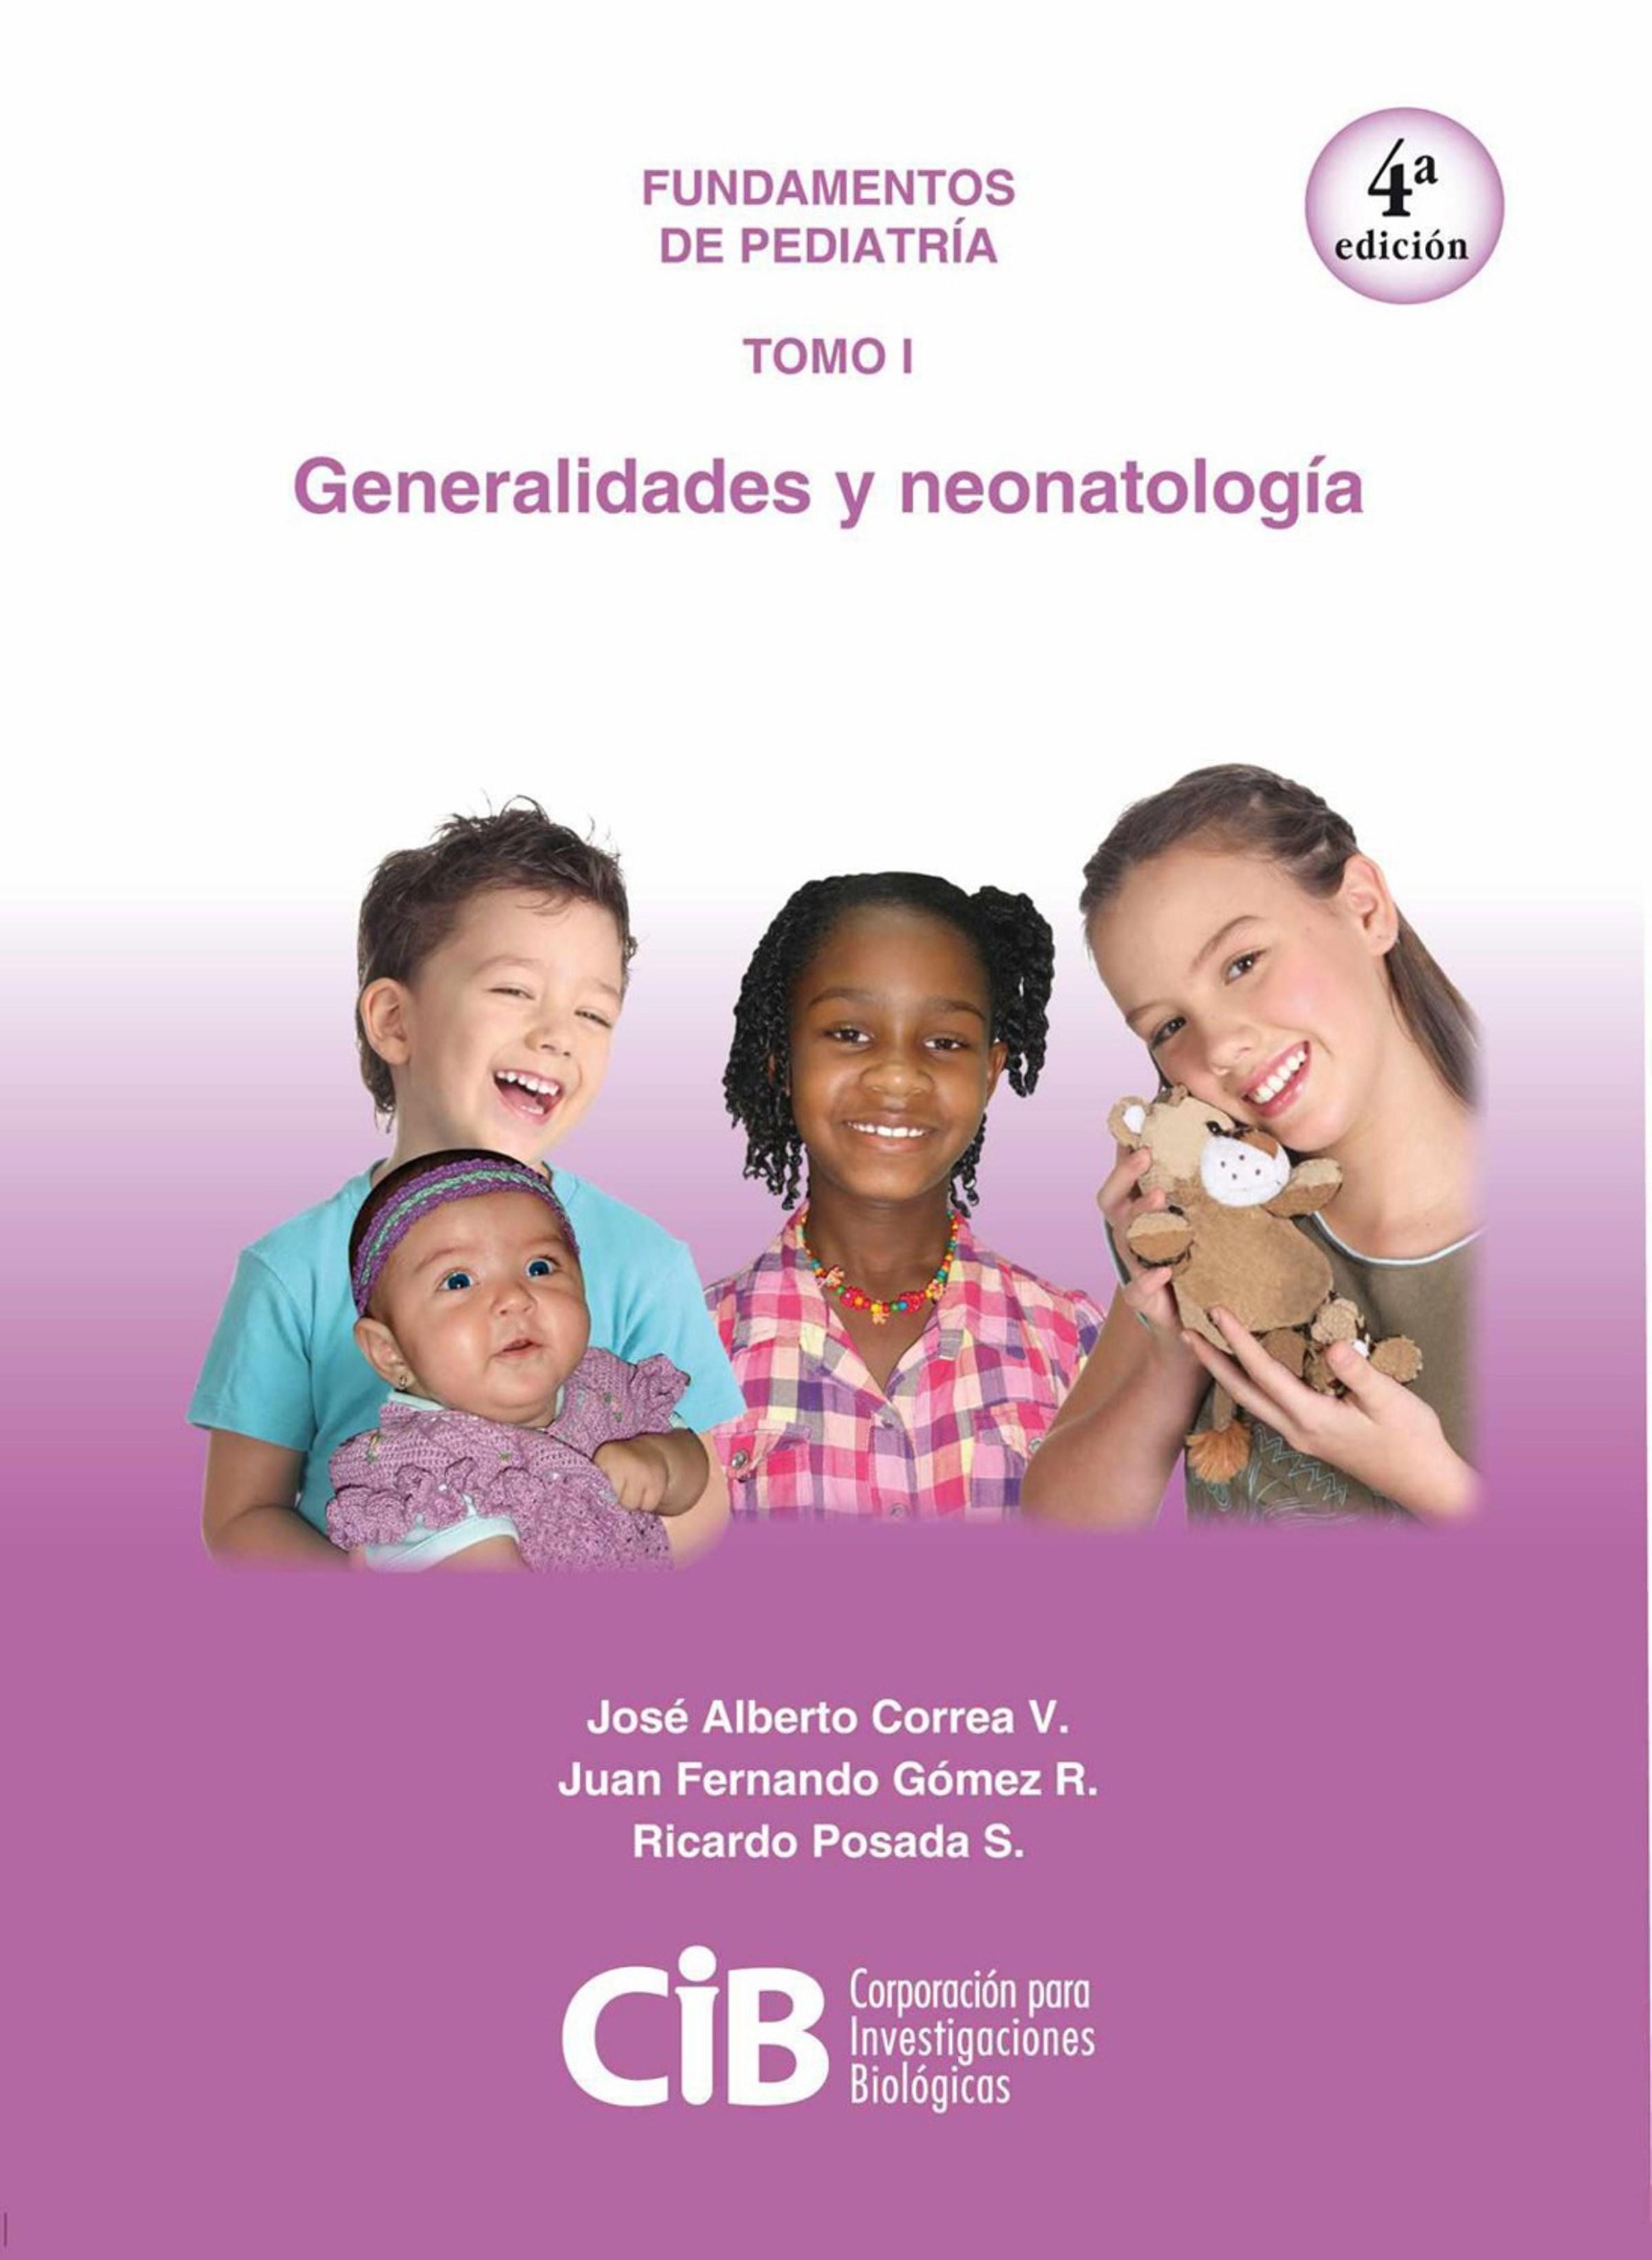 José Alberto Correa V Fundamentos de Pediatría tomo I: generalidades y neonatología, 4a Ed.